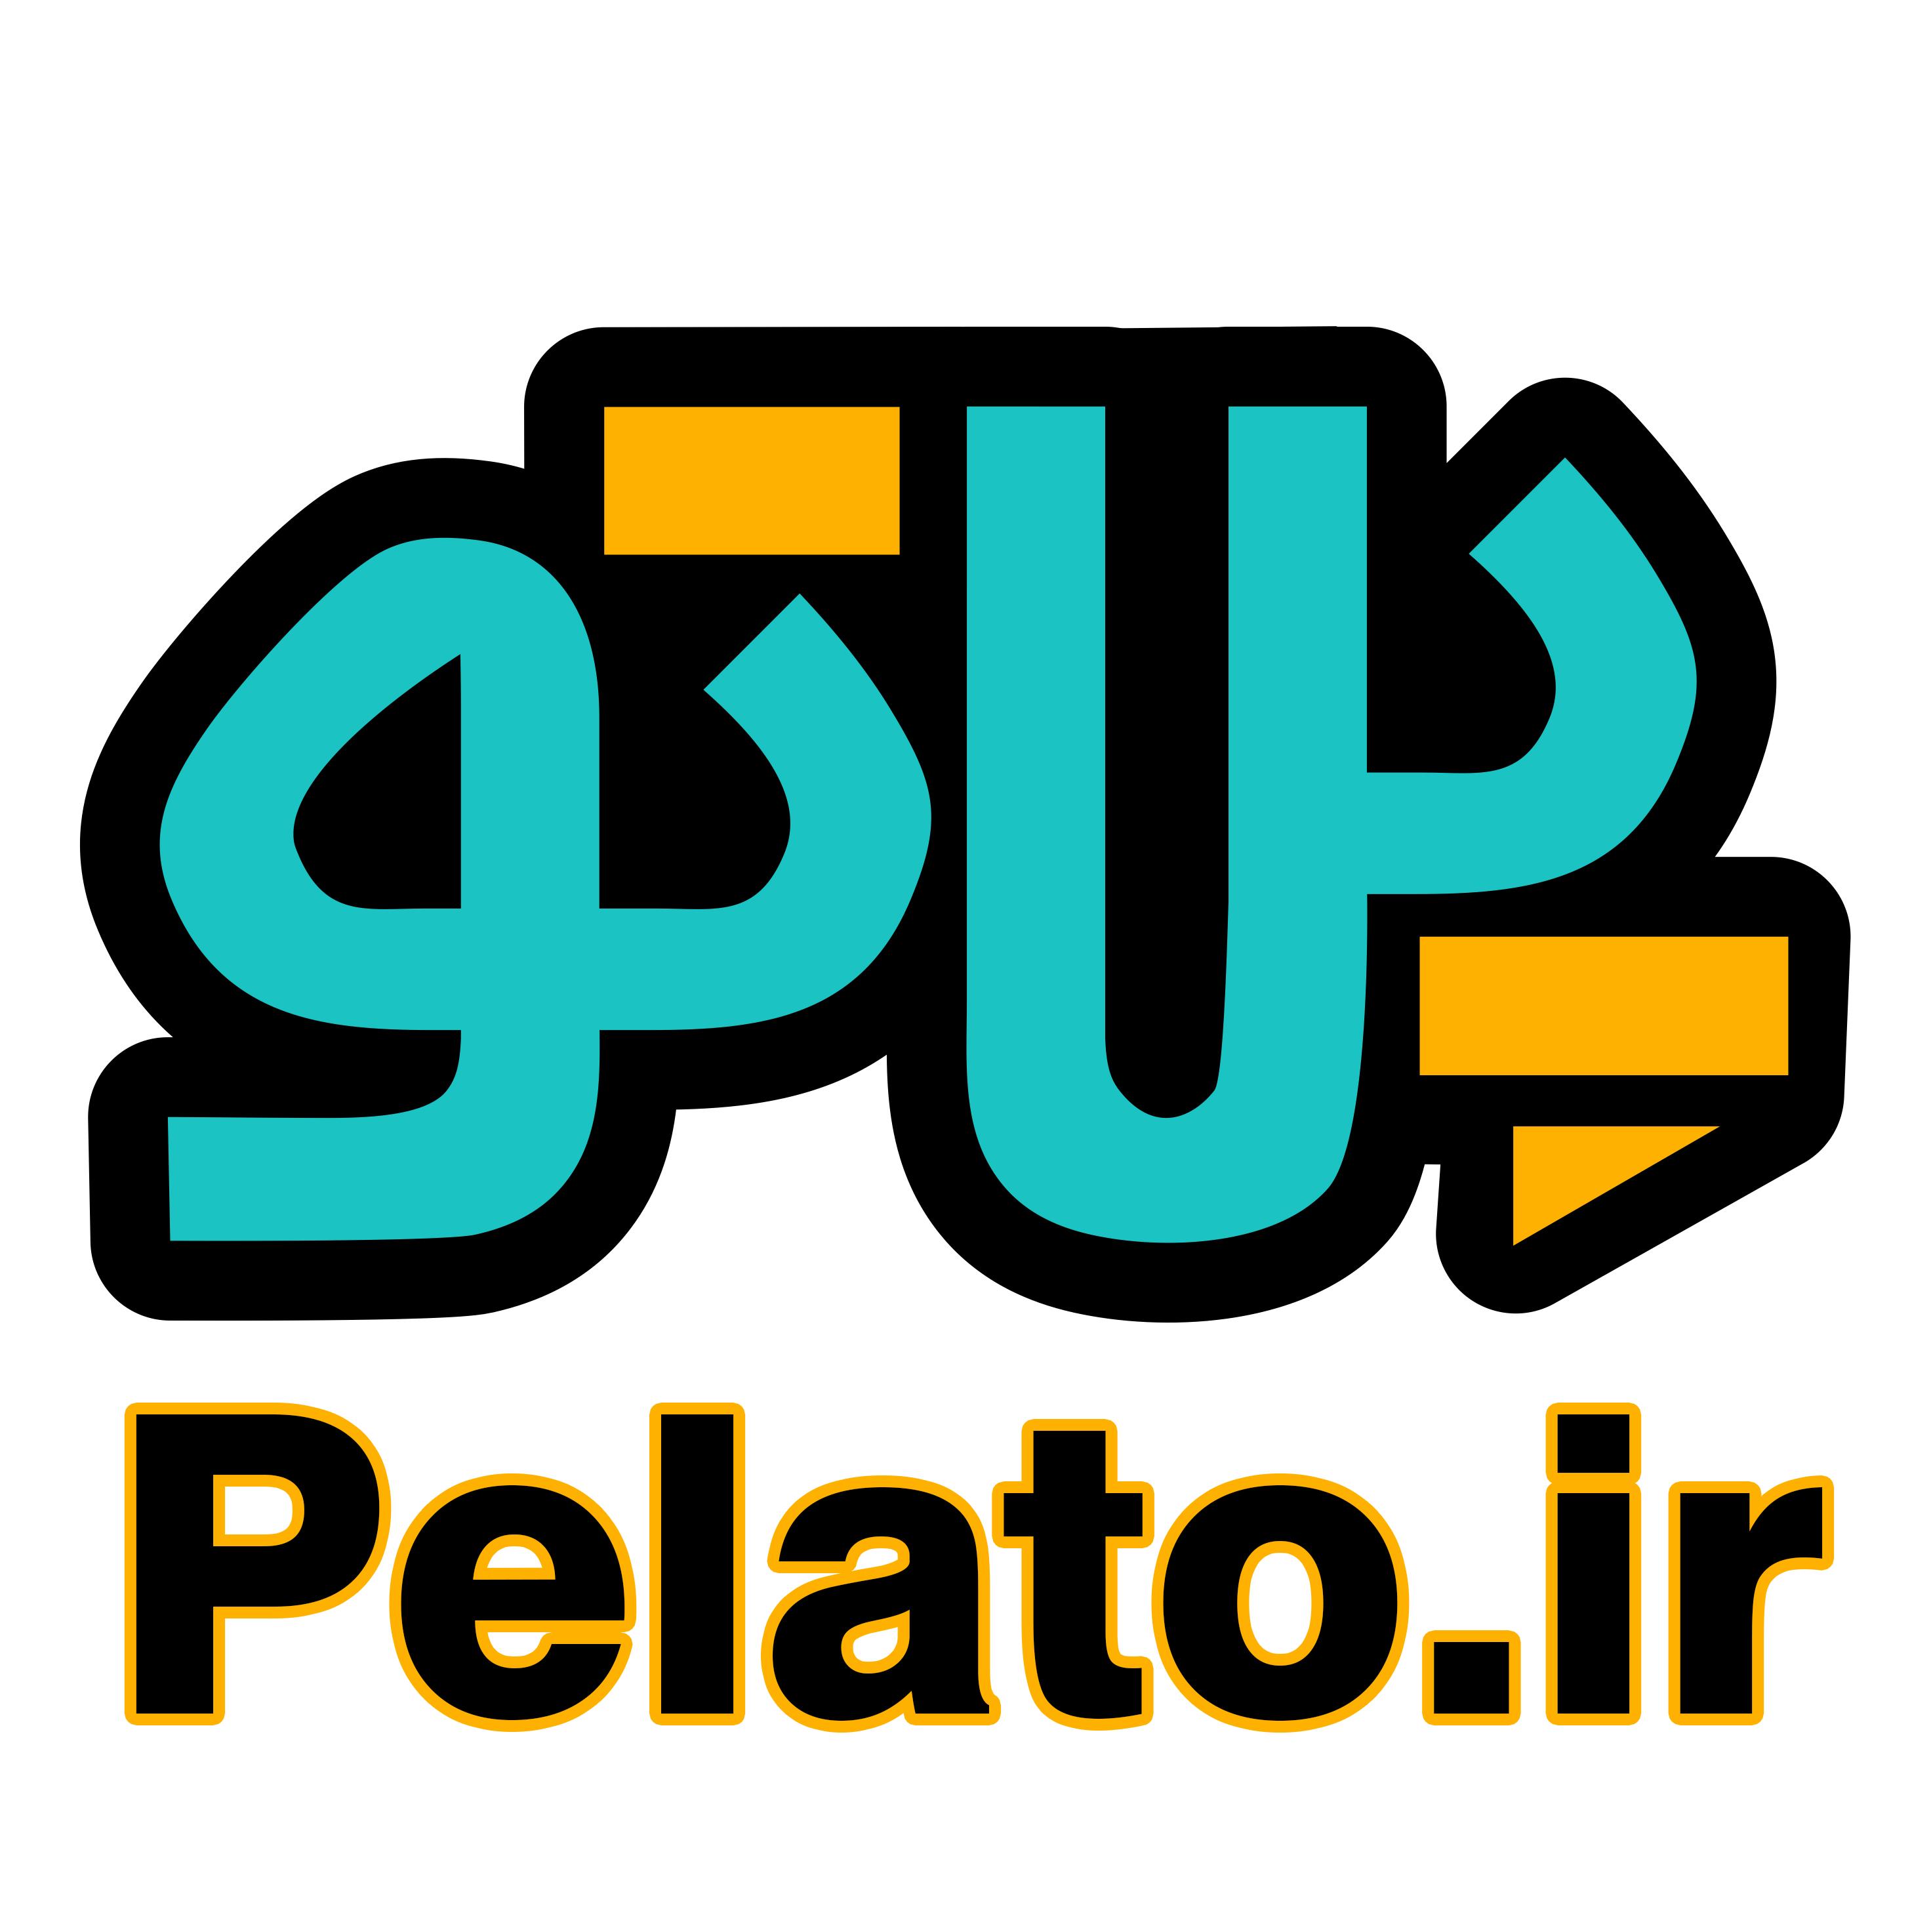 پلاتو